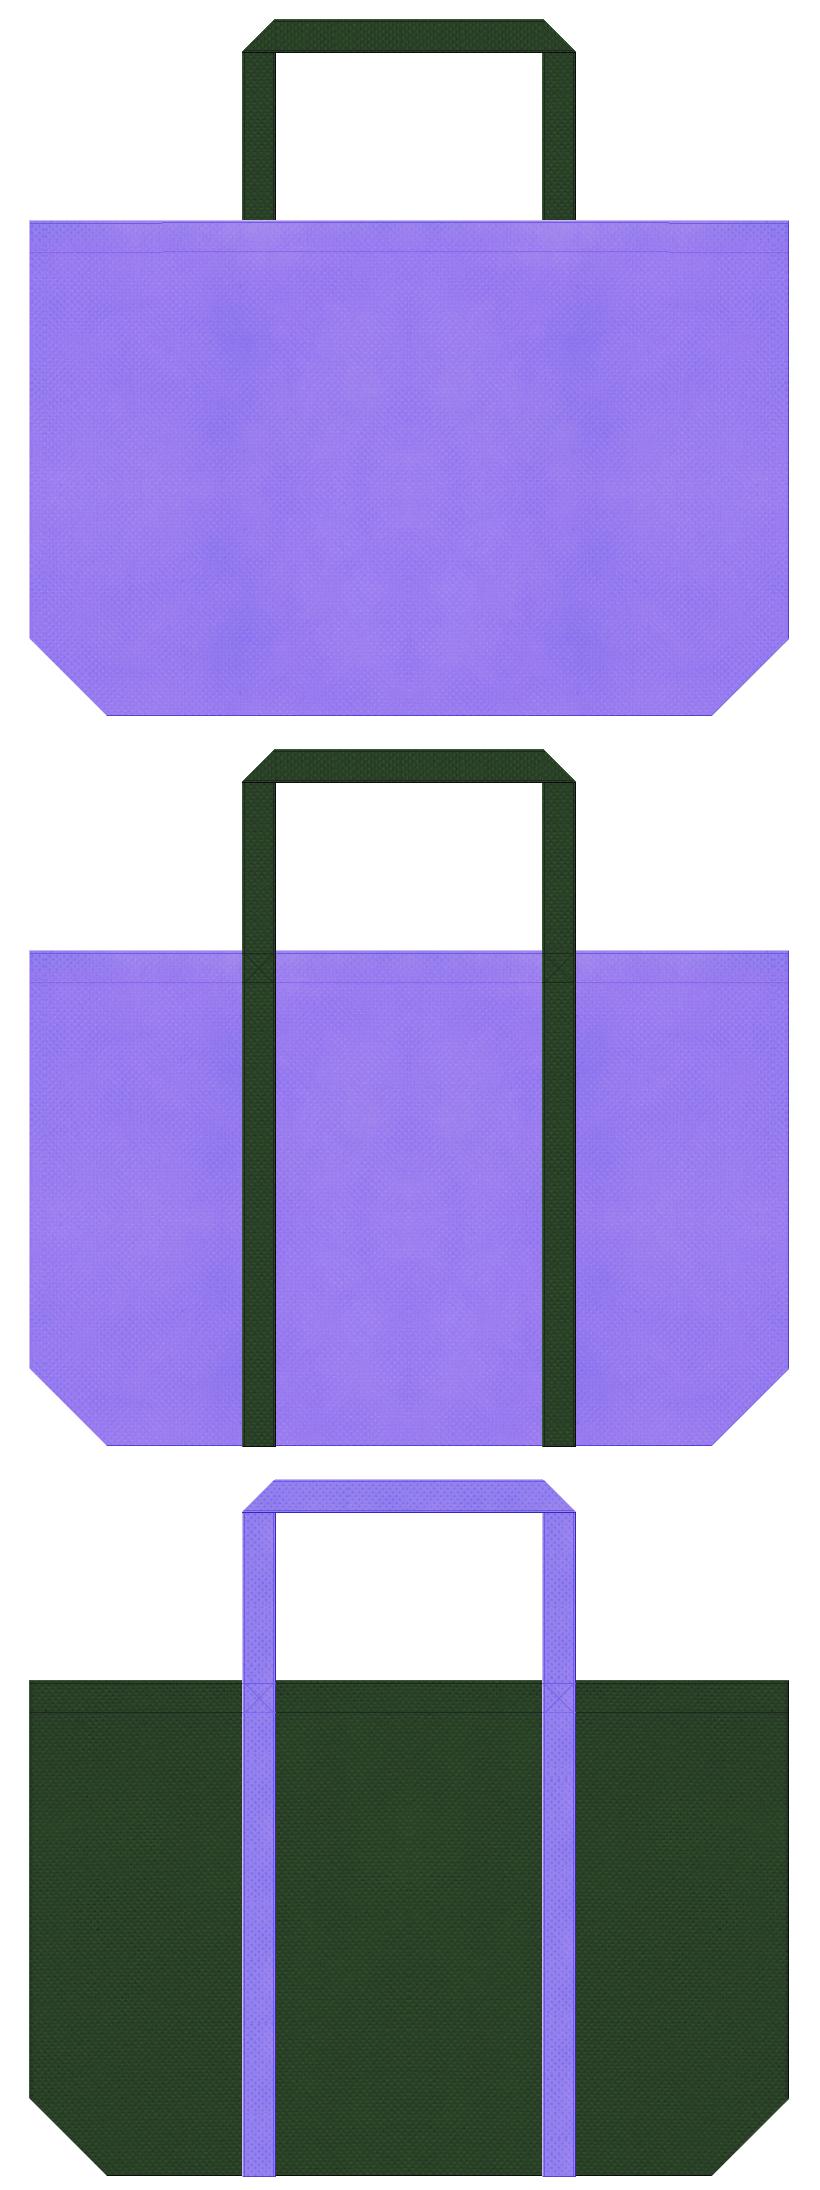 不織布ショッピングバッグ:薄紫色と濃緑色のデザイン